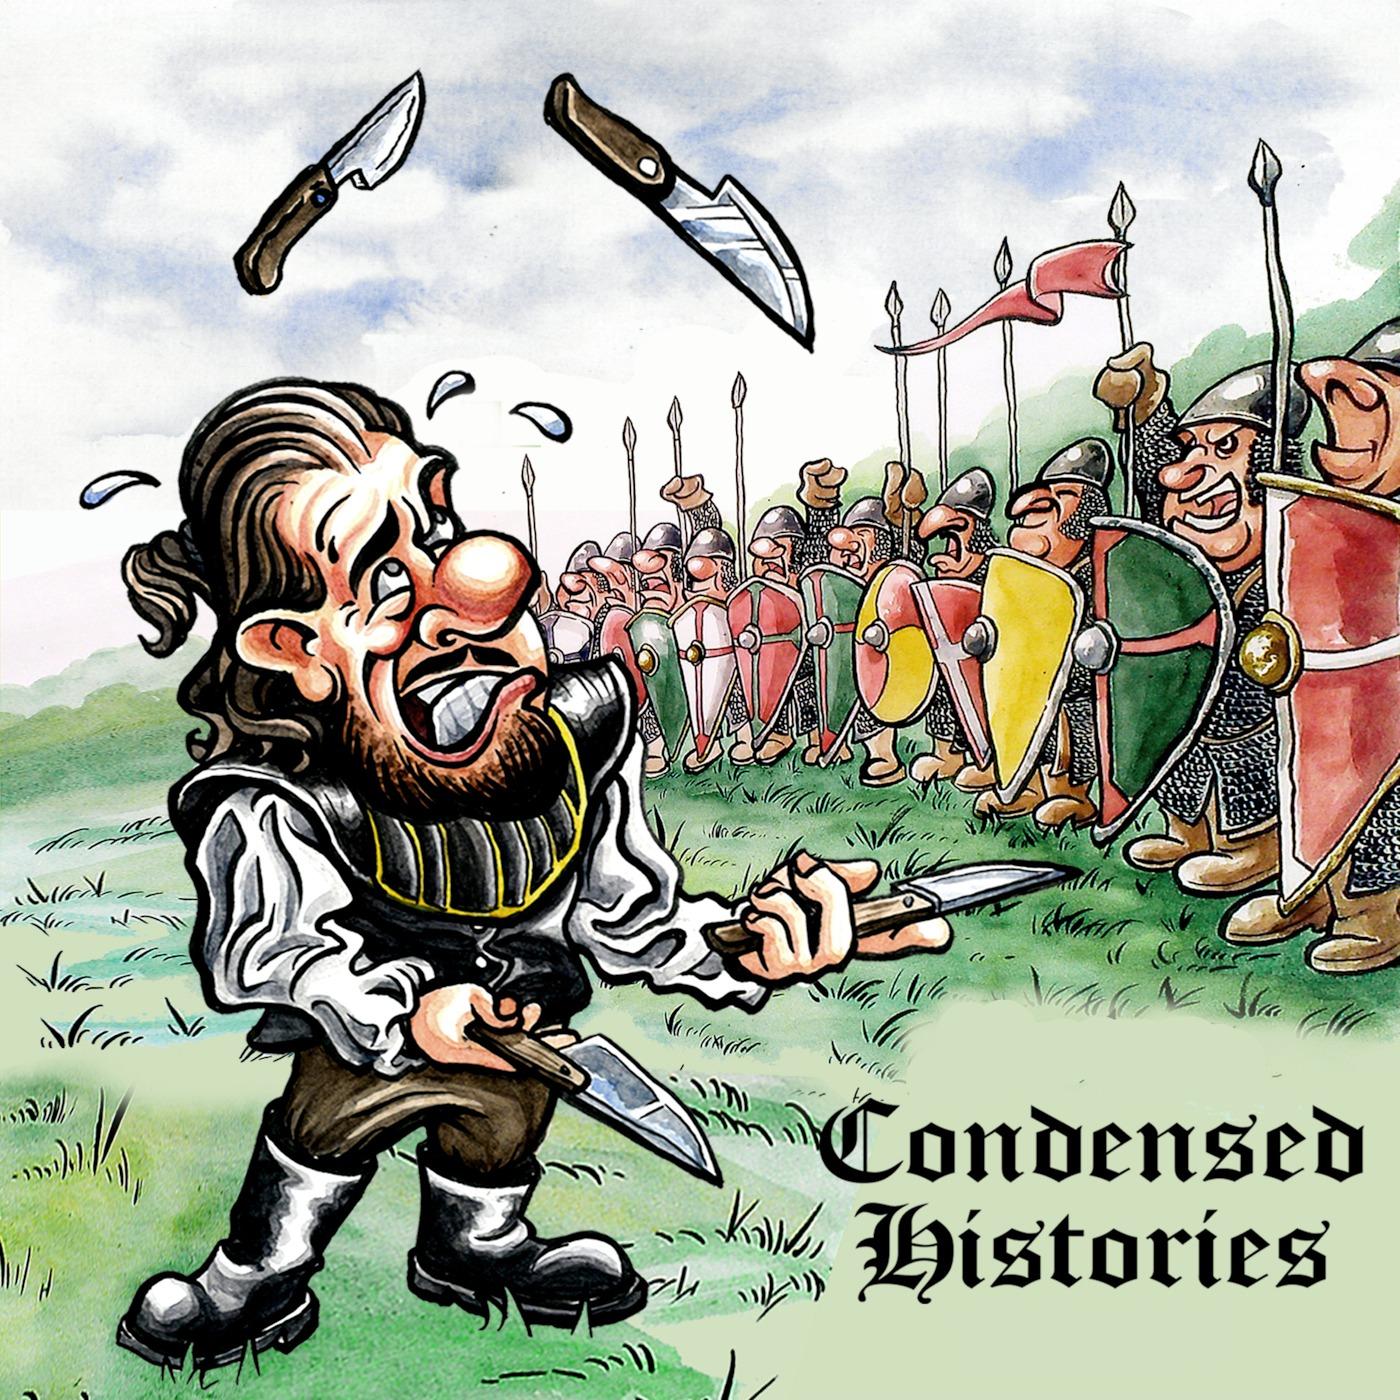 Condensed Histories Webseries